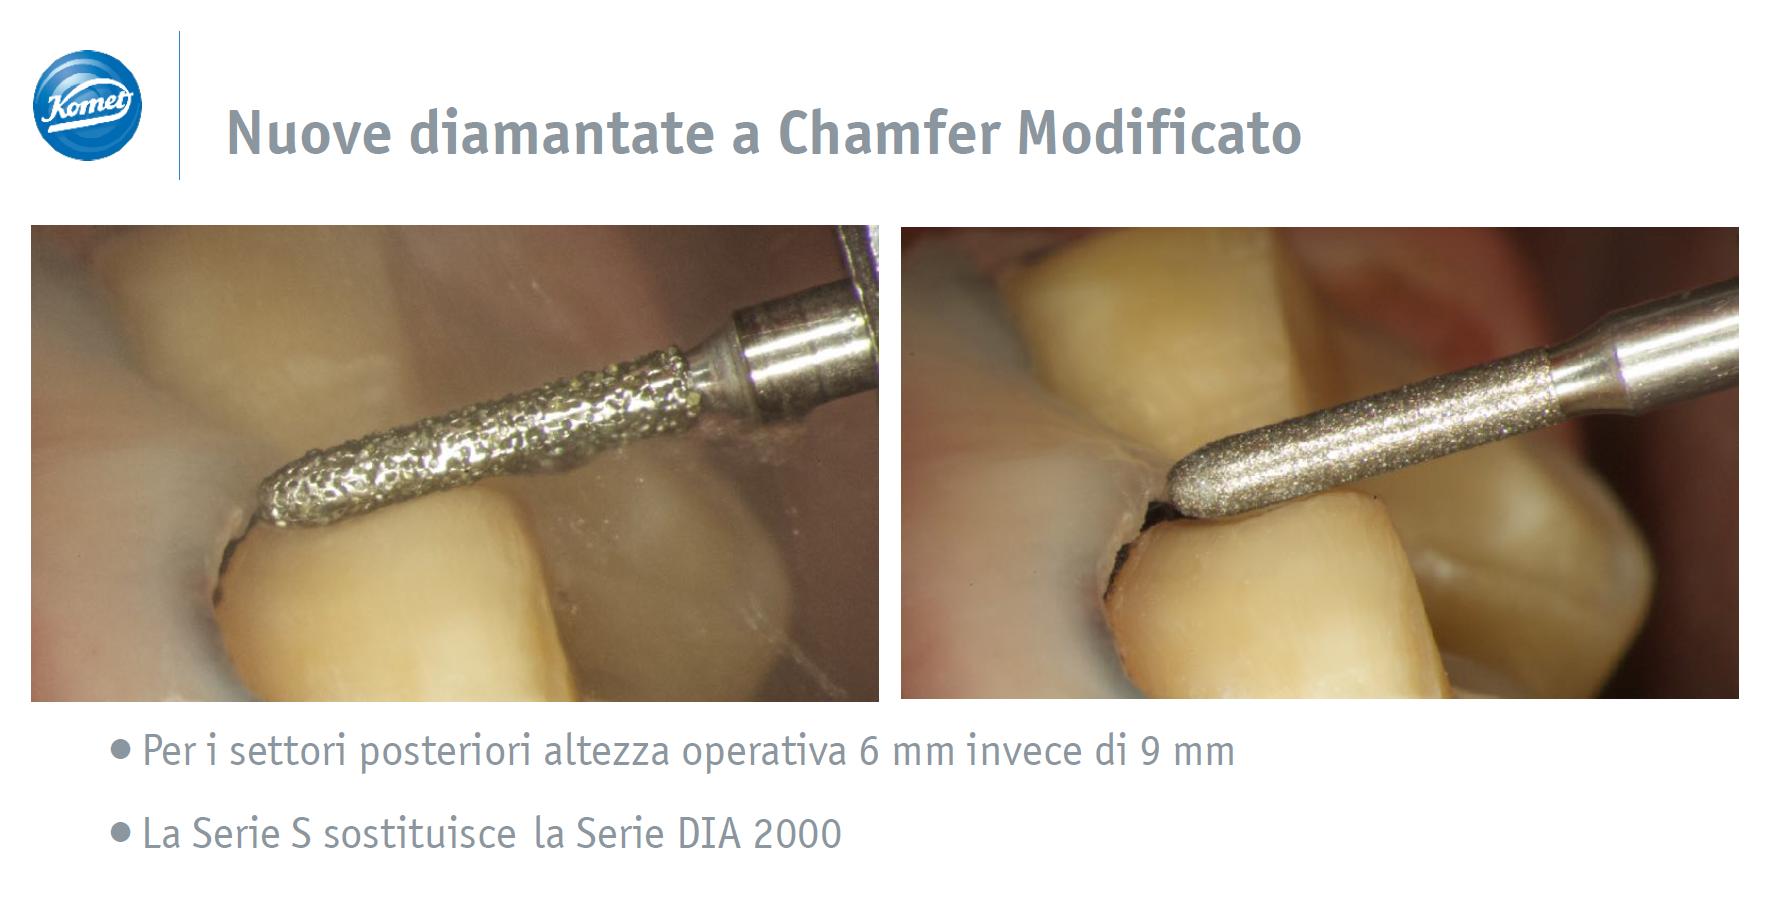 Nuove diamantate a chamfer modificato